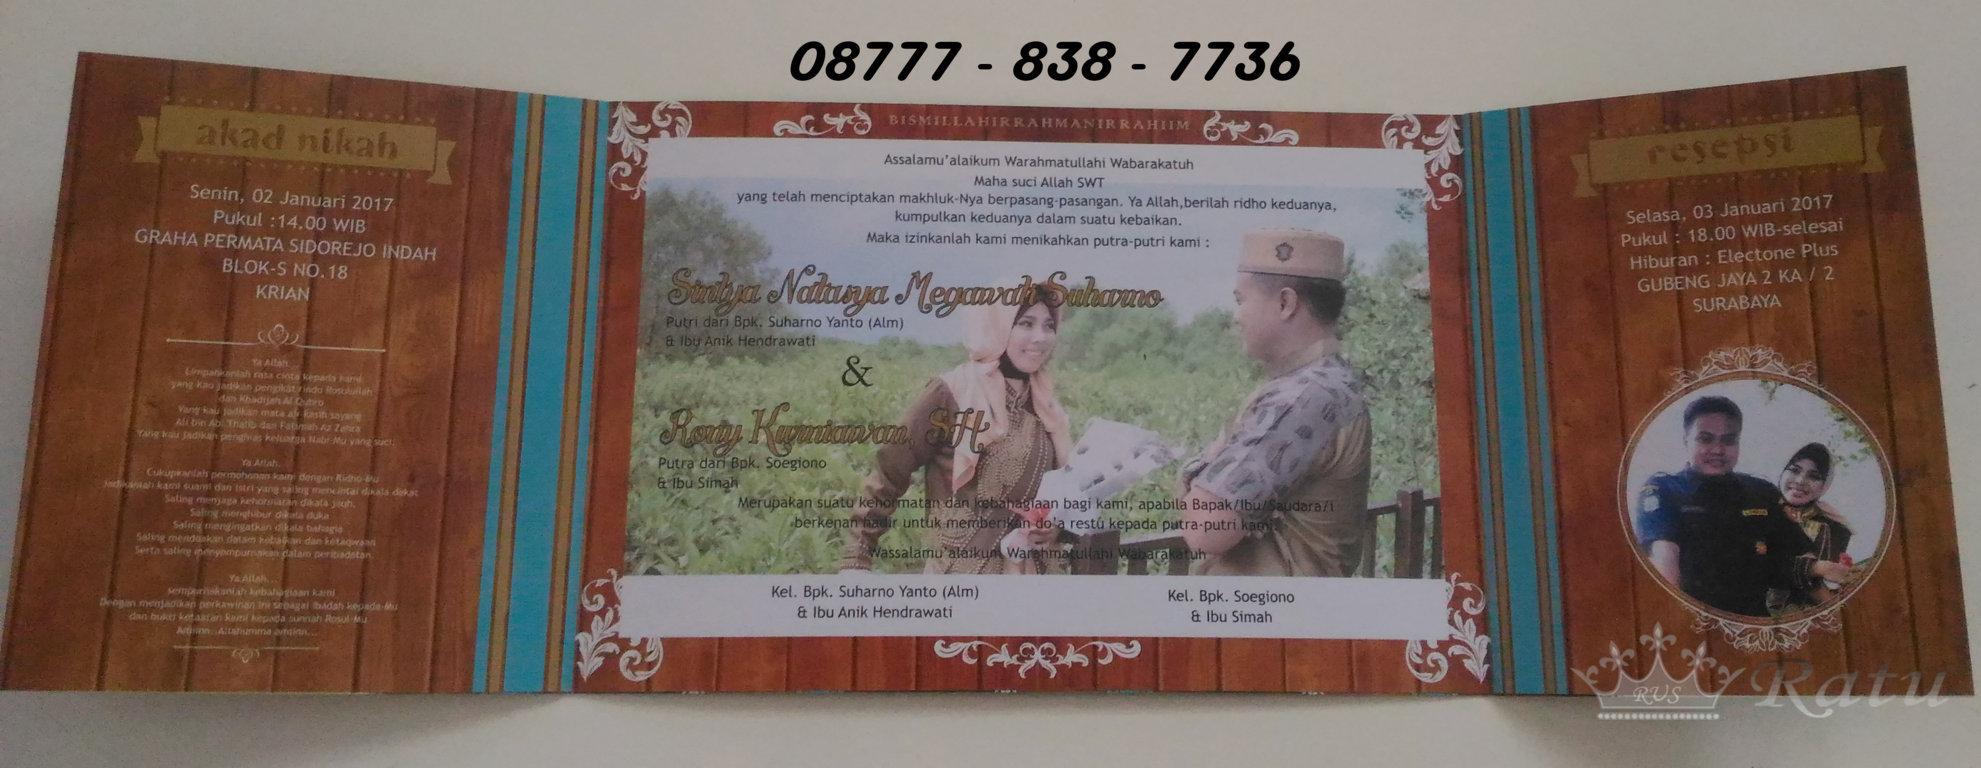 Undangan Pernikahan 3 Sisi Surabaya Ratu Souvenir Hp  Jakarta A 02